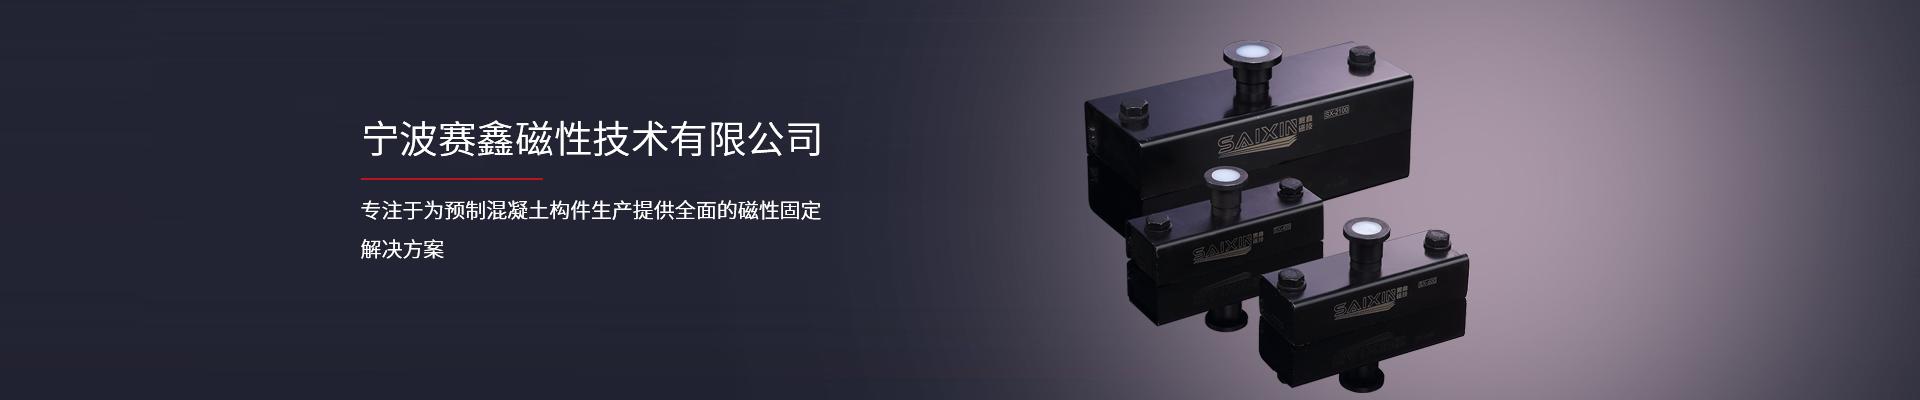 http://www.easypc.com.cn/data/upload/202008/20200810195839_934.jpg